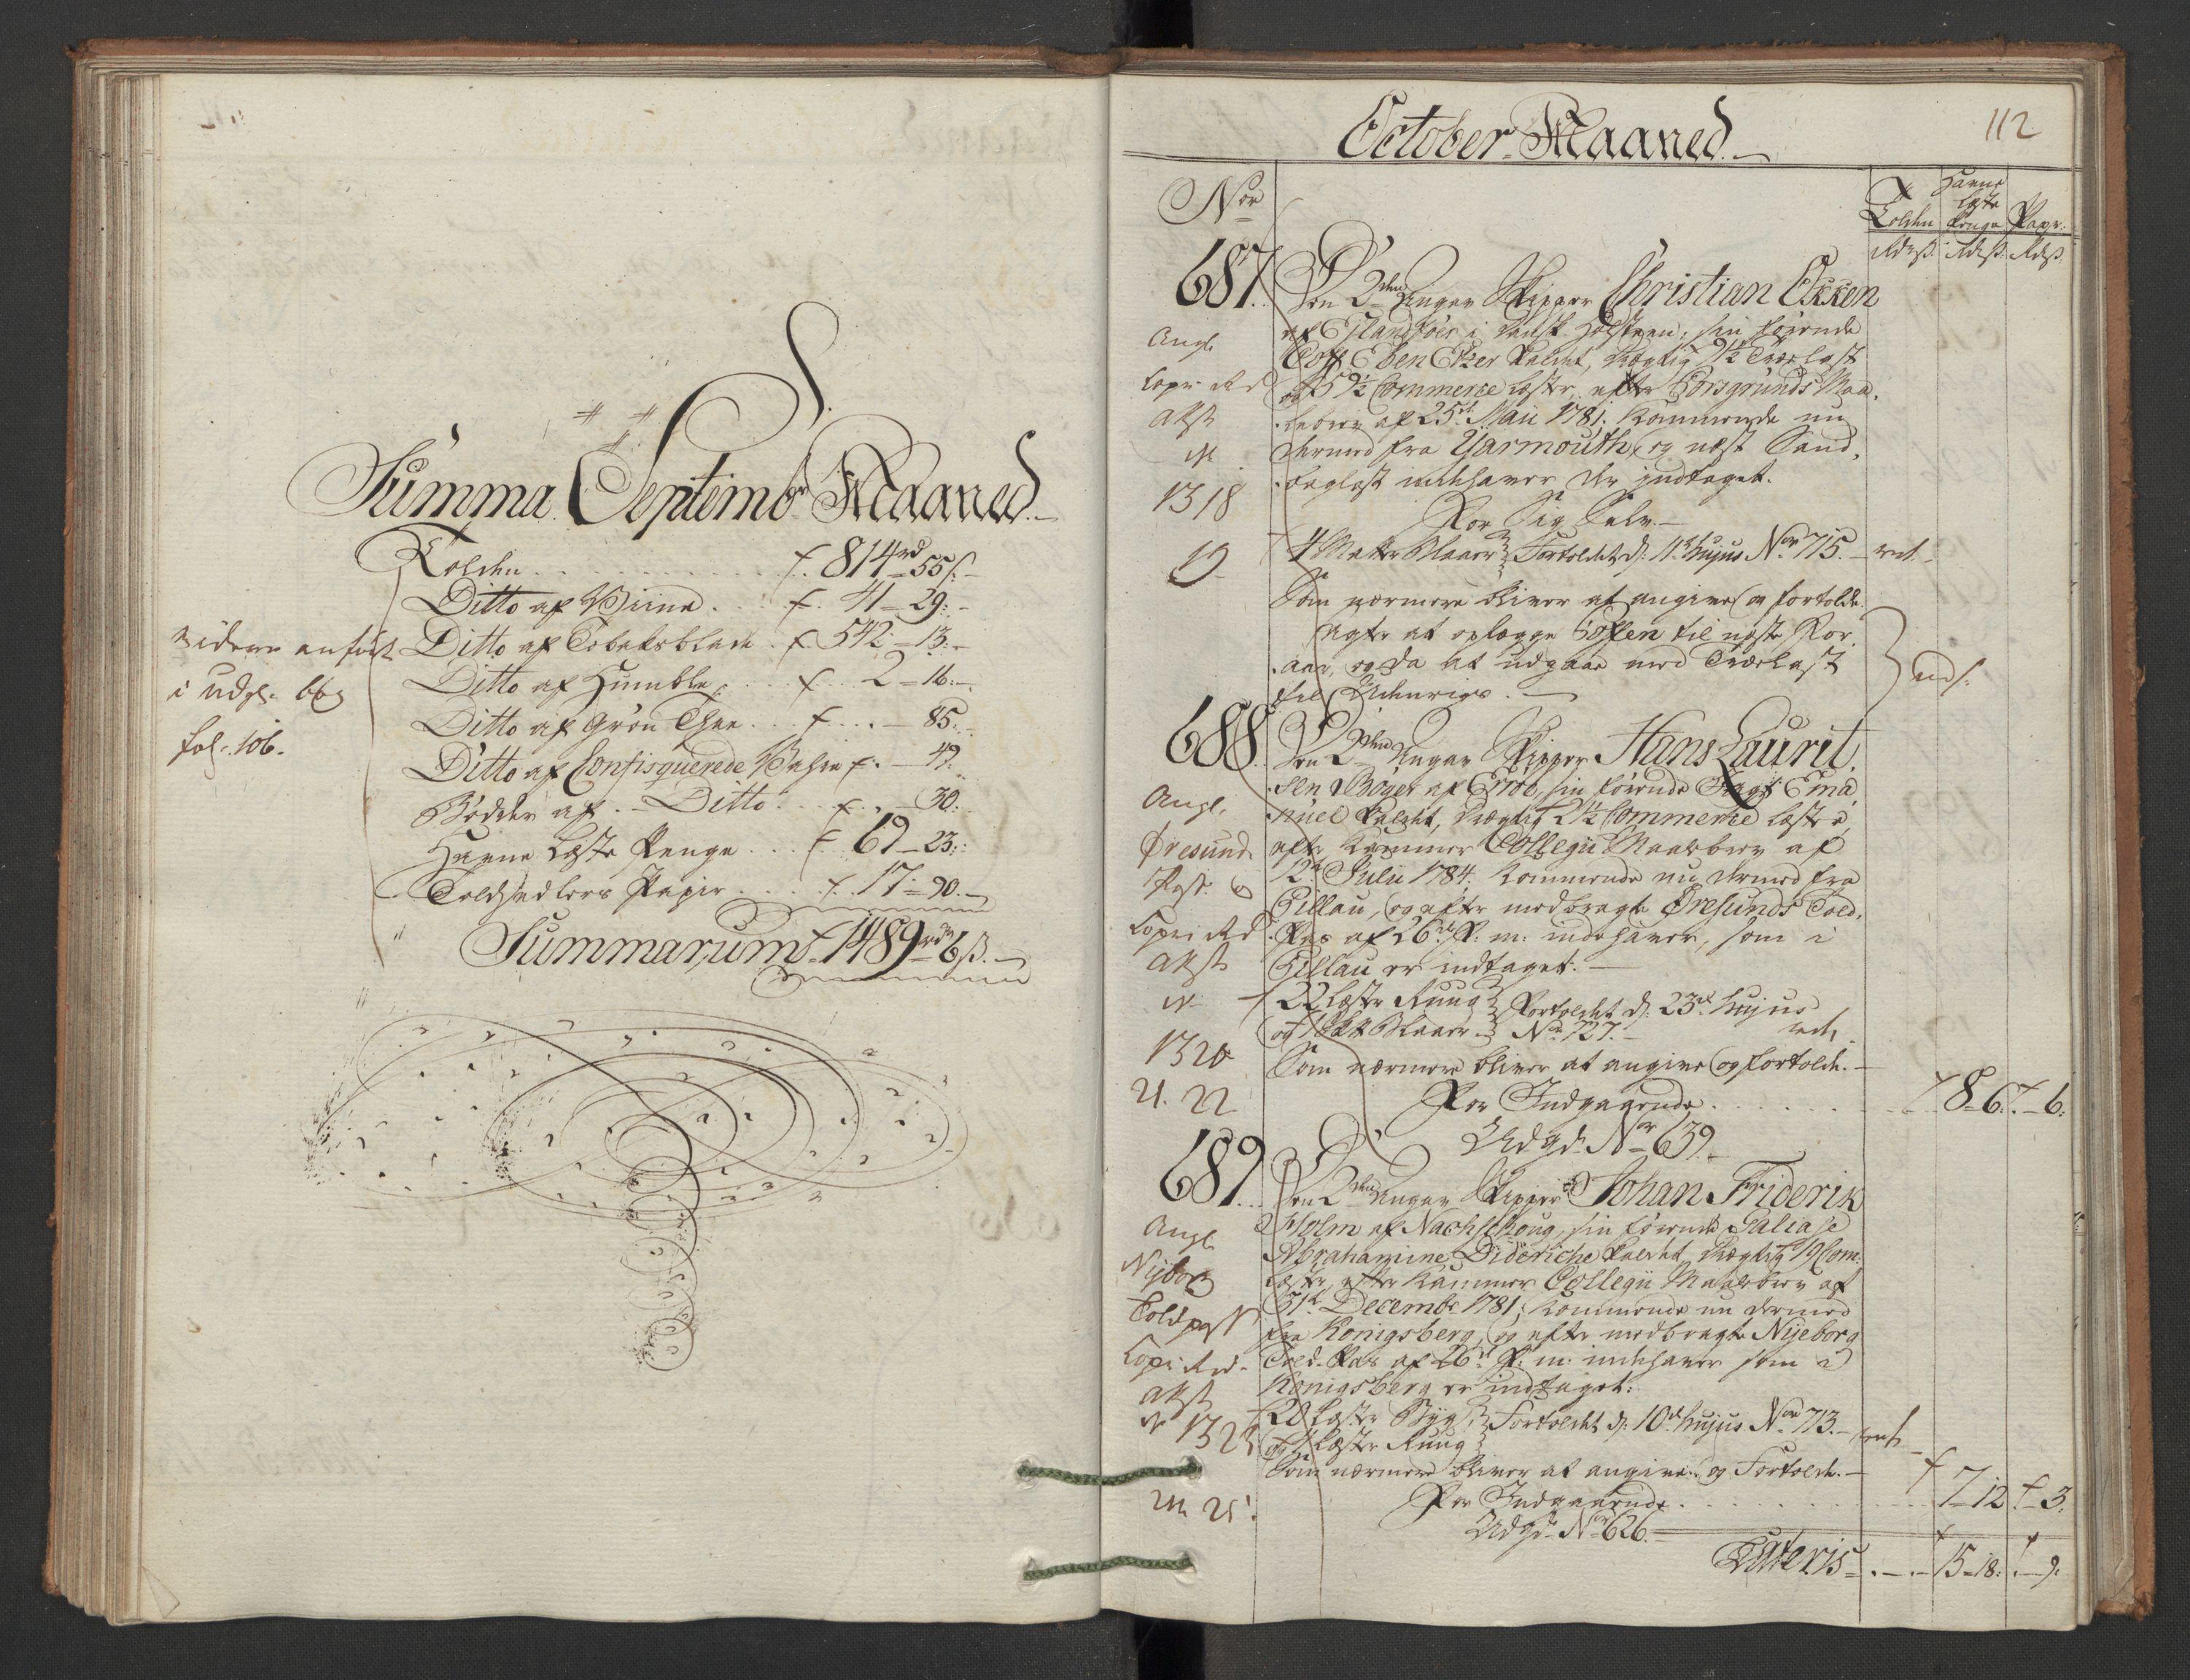 RA, Generaltollkammeret, tollregnskaper, R12/L0118: Tollregnskaper Langesund, 1786, p. 111b-112a